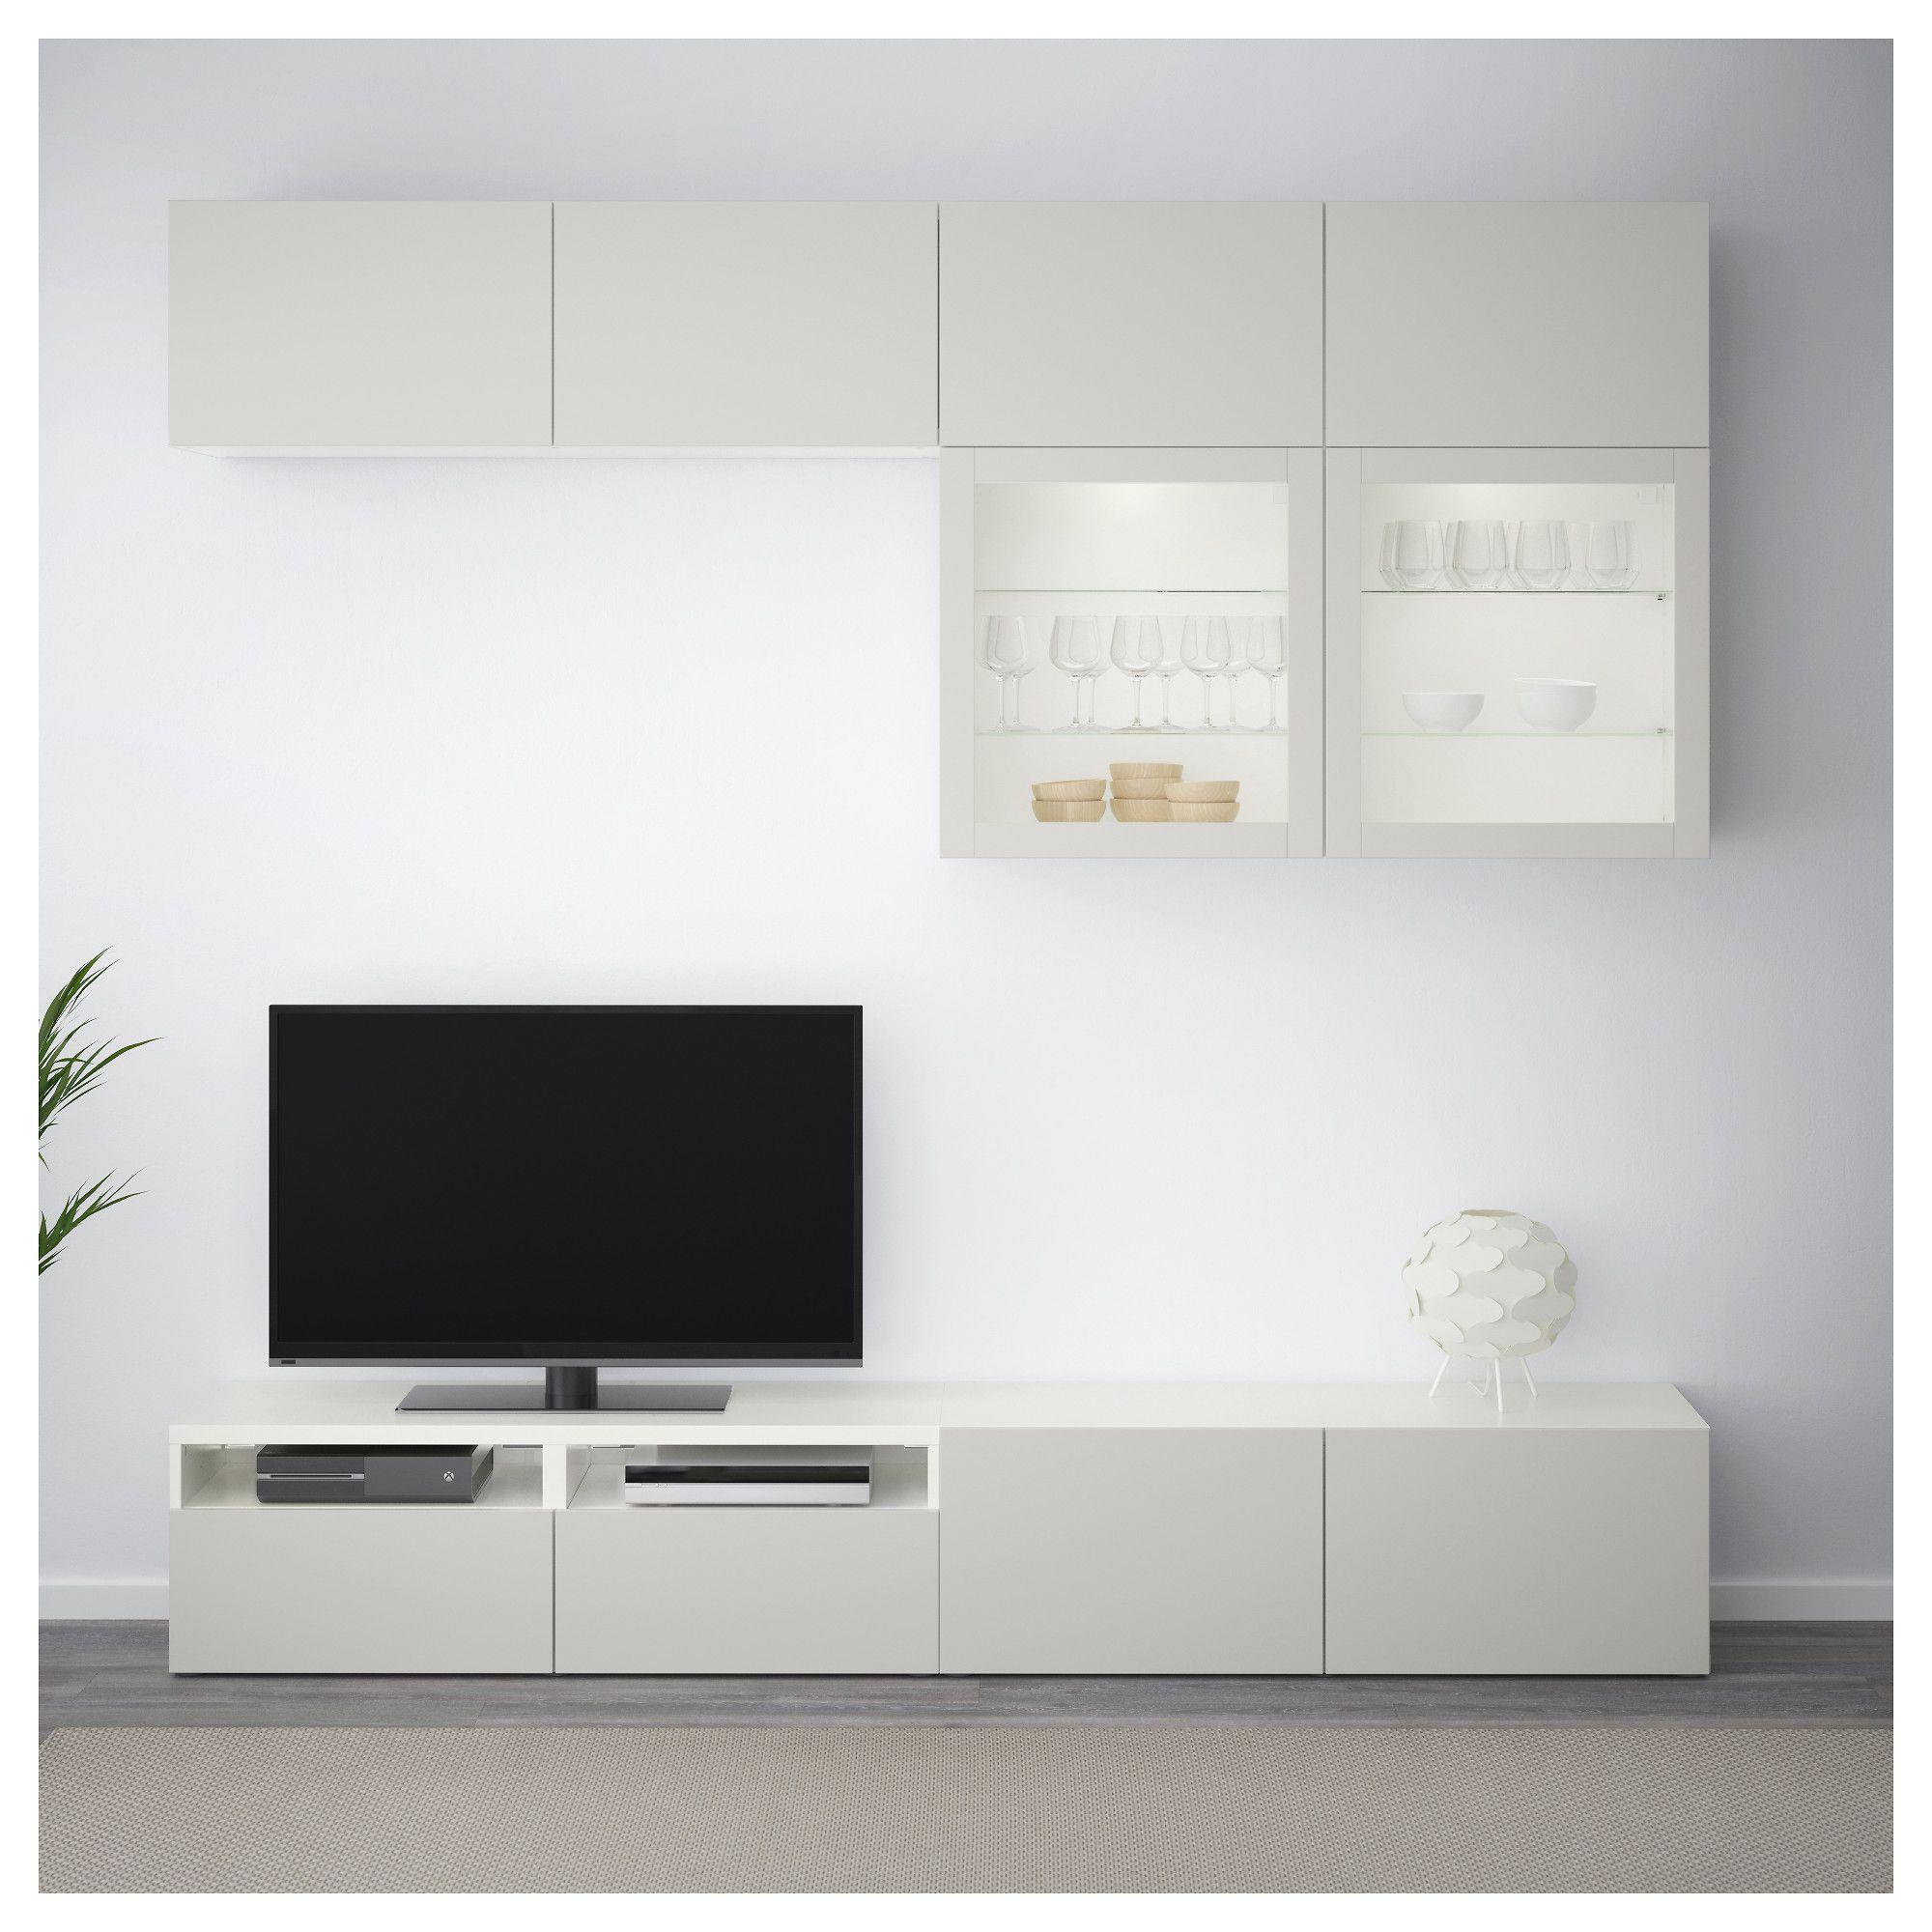 Ikea Wohnwand Besta Ein Flexibles Modulsystem Mit Stil Wohnen Wohnung Wohnzimmer Mobel Wohnzimmer